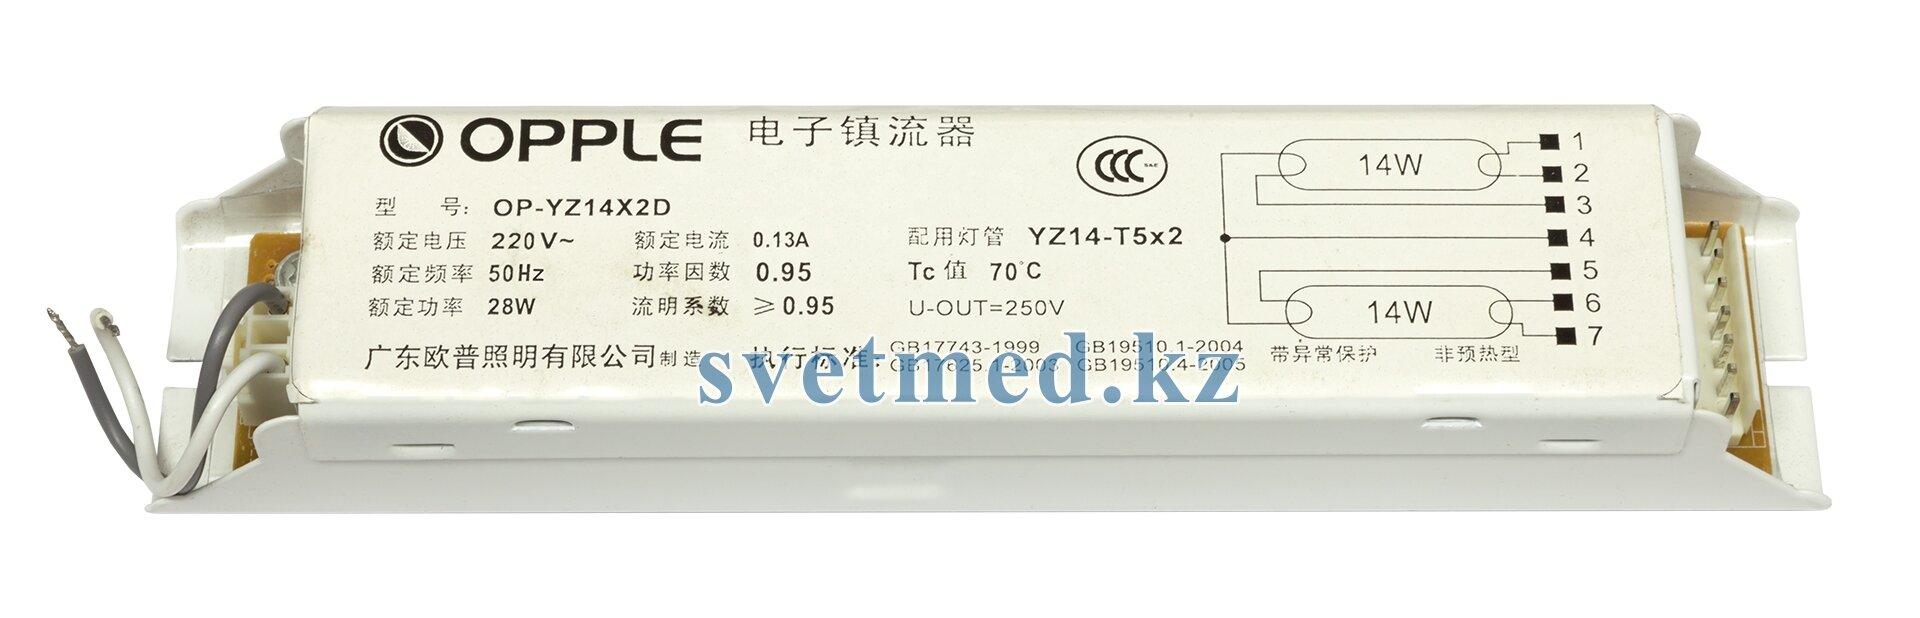 ЭПРА для люминесцентных ламп OPPLE OP-YZ14x2D